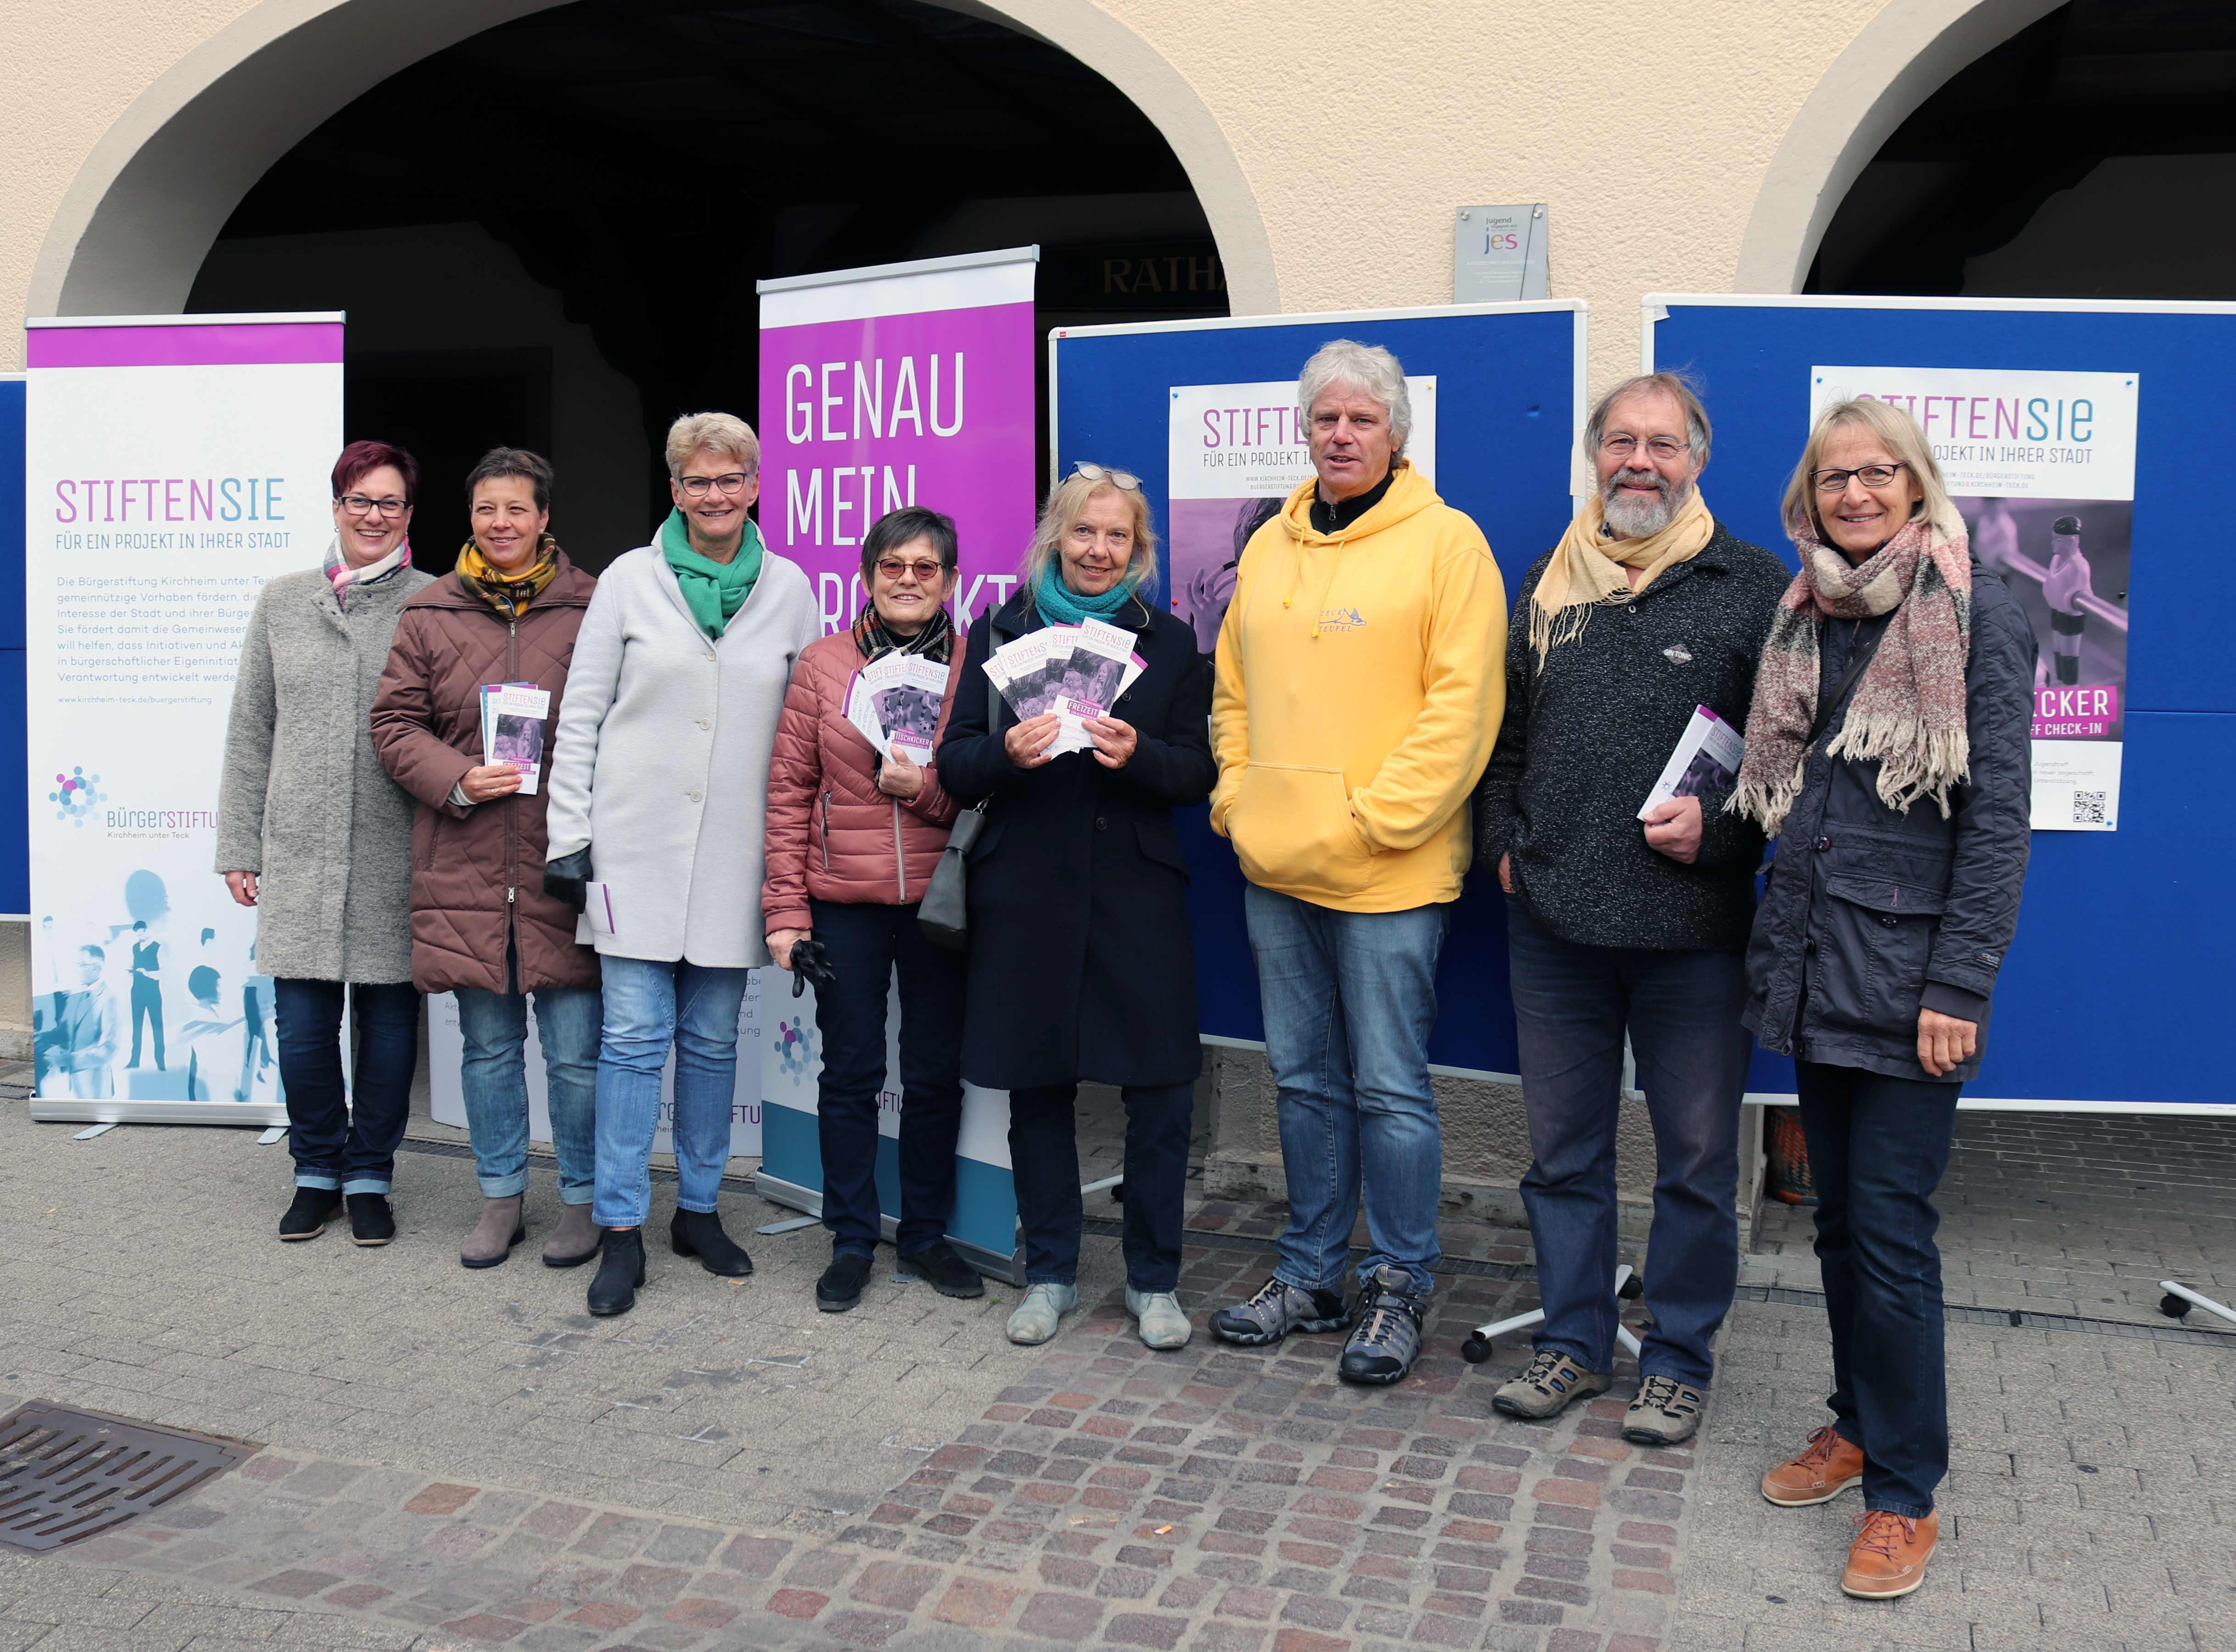 Die Mitglieder des Stiftungsrates der Buergerstiftung und Vertreter der Spenden-Projekte bei der Spenden-Auftaktveranstaltung